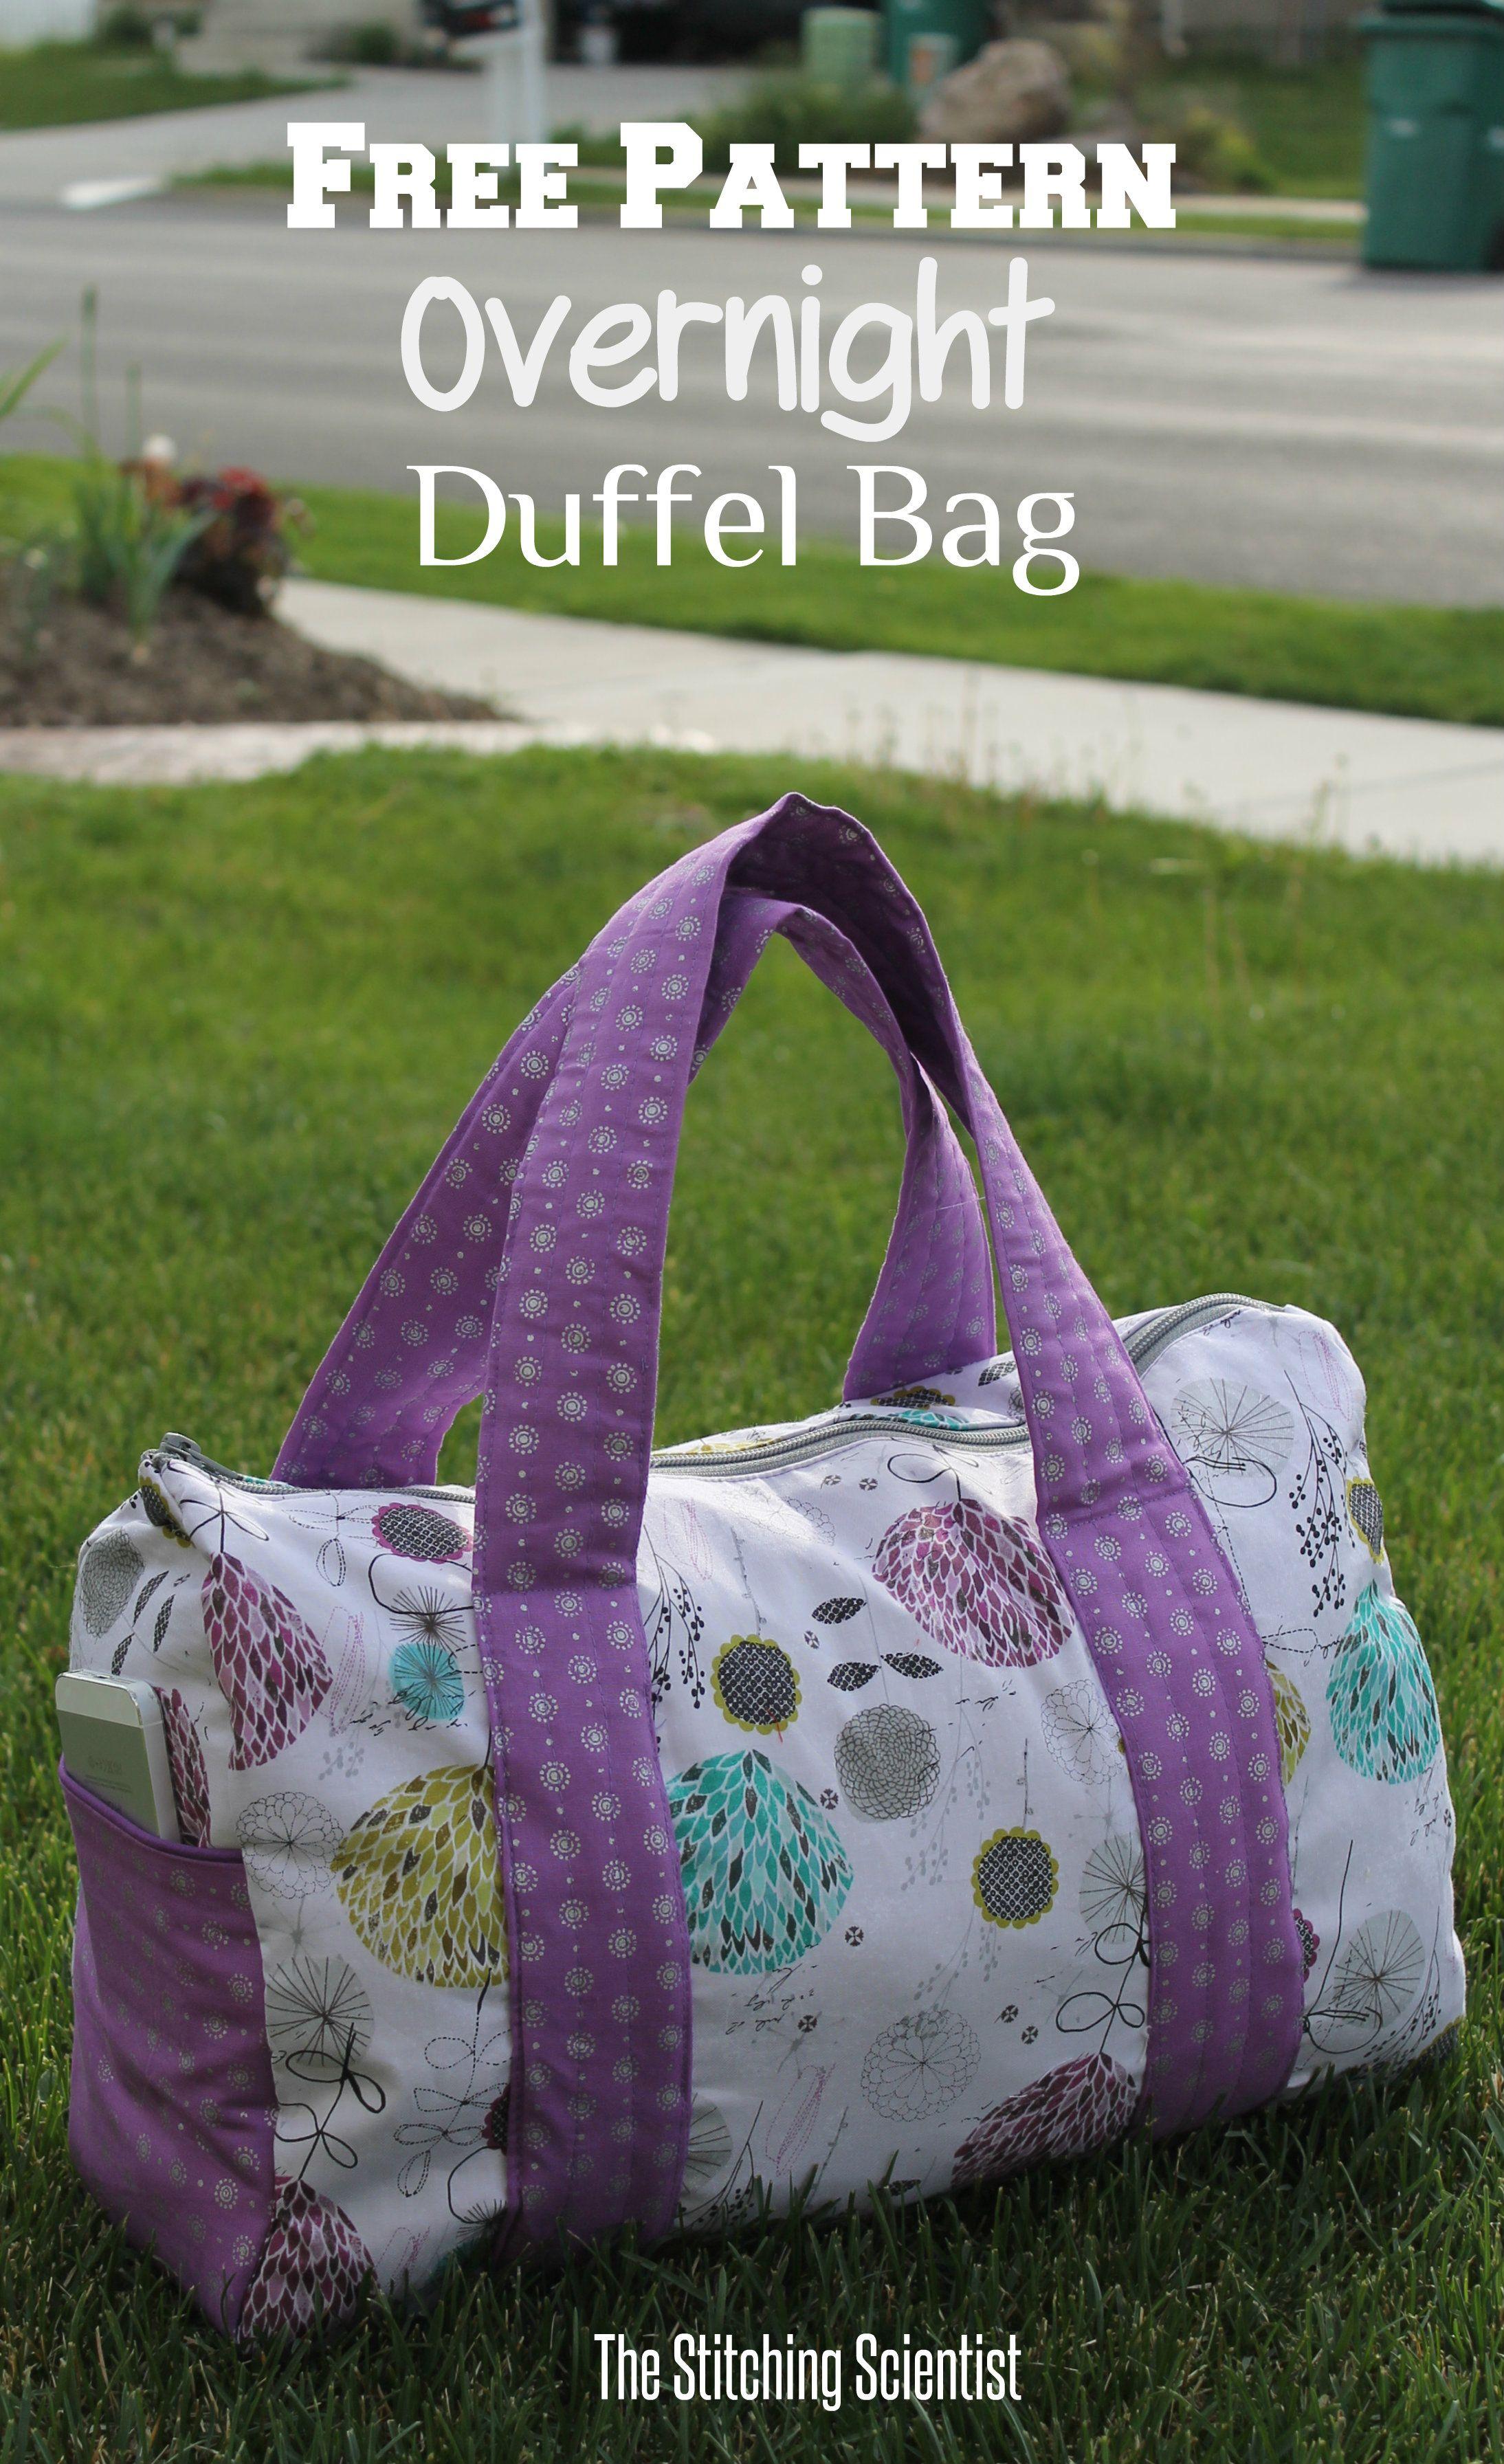 Free Pattern Overnight Duffel Bag | Nähen, Taschen nähen und Tassen